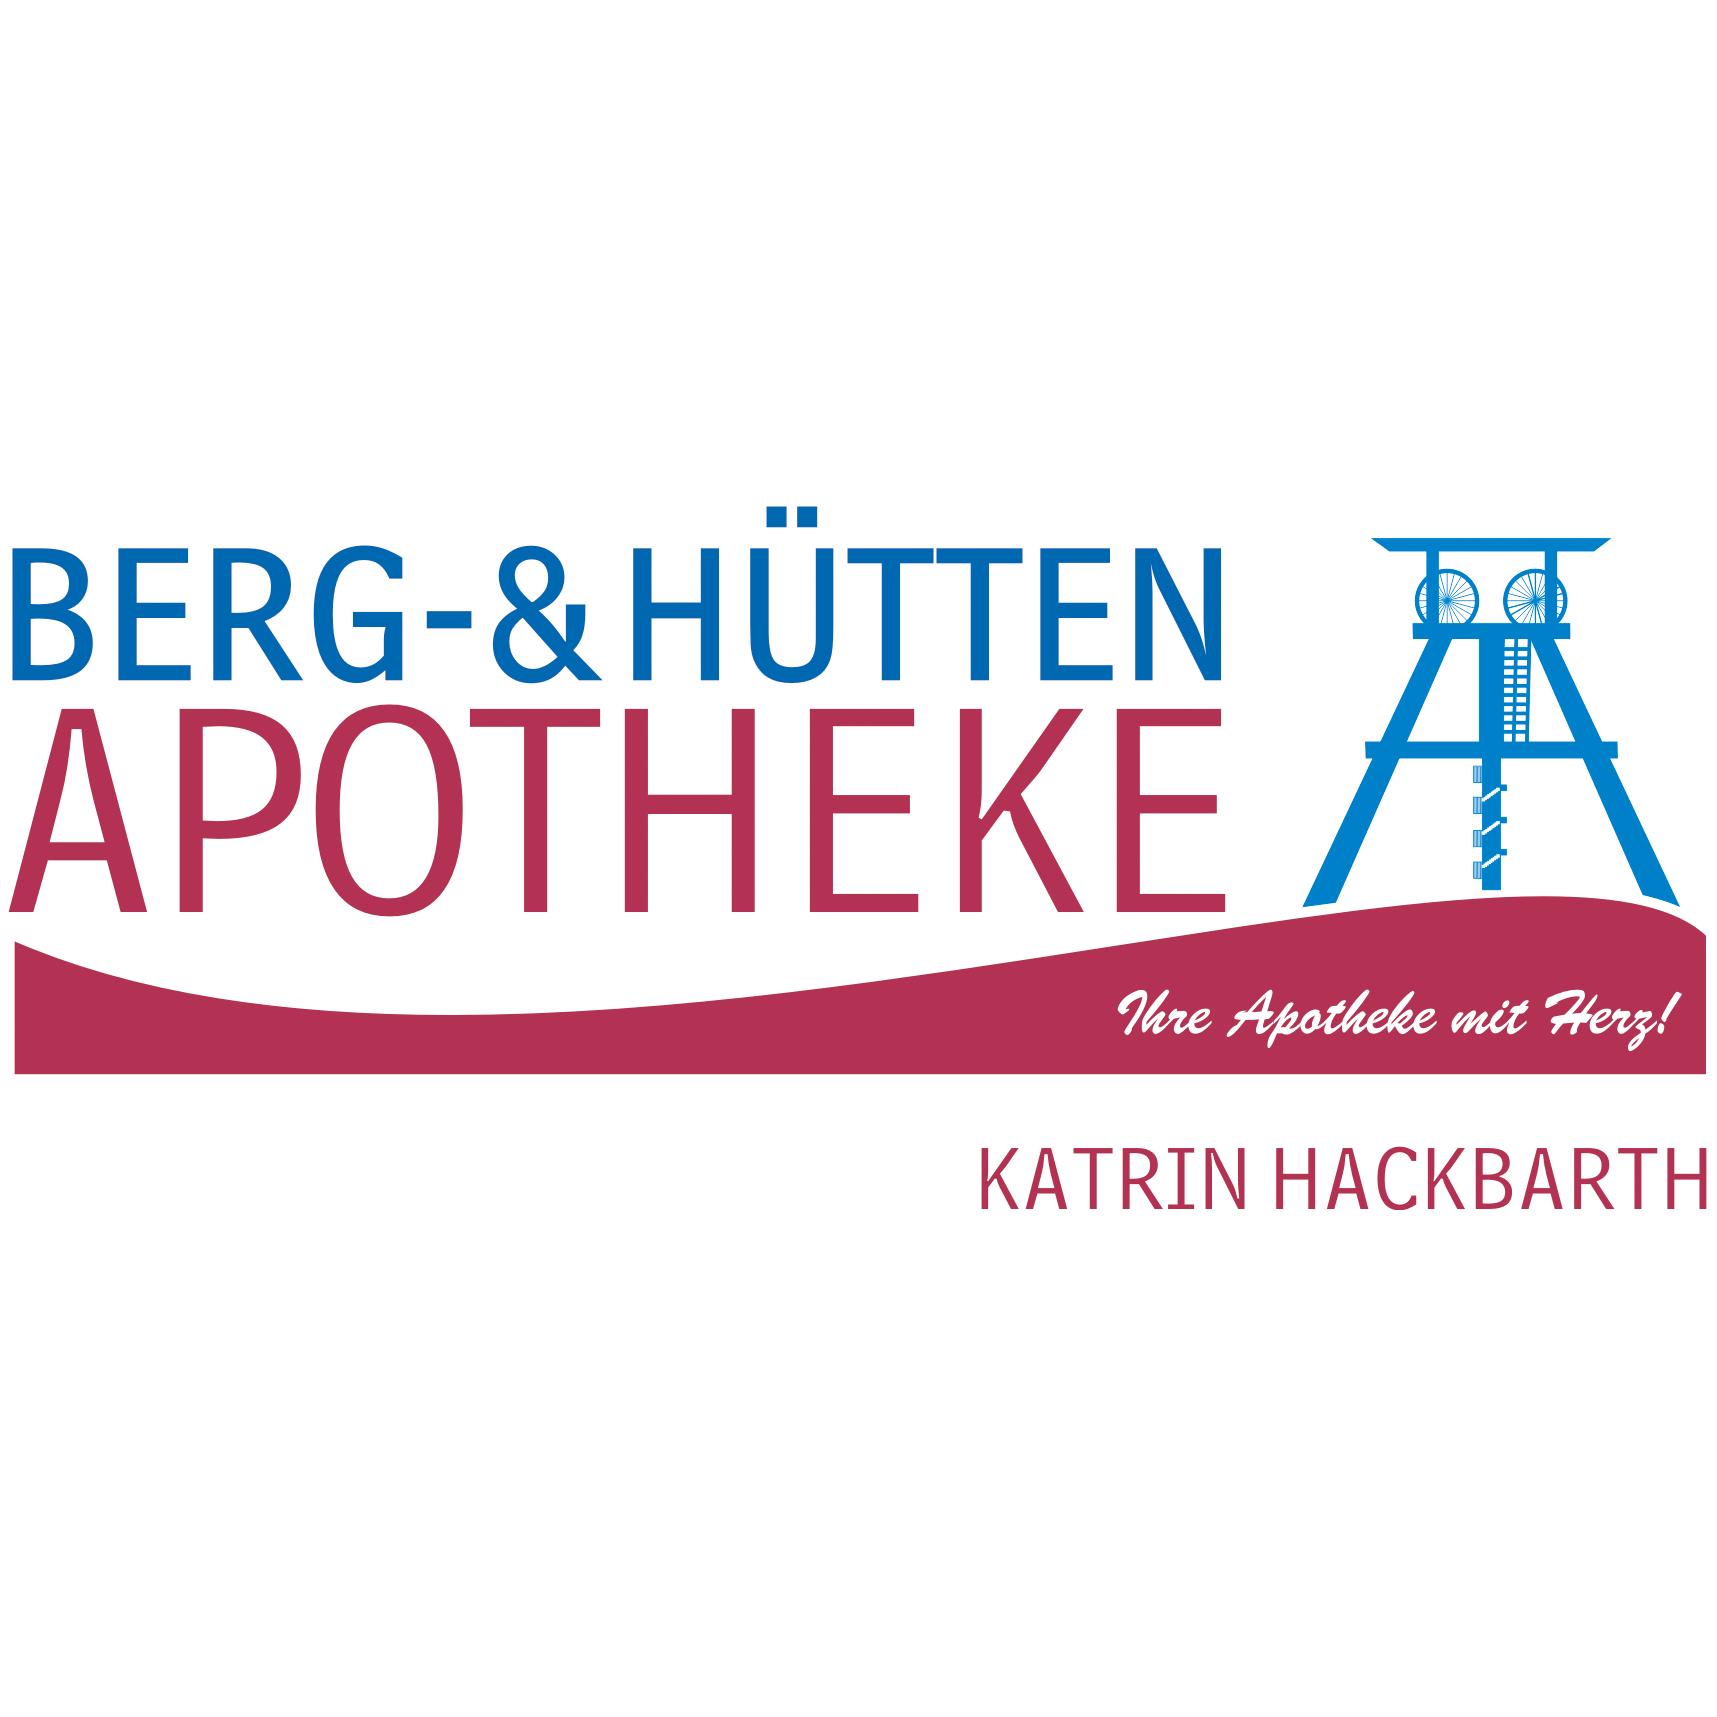 Berg- und Hütten-Apotheke